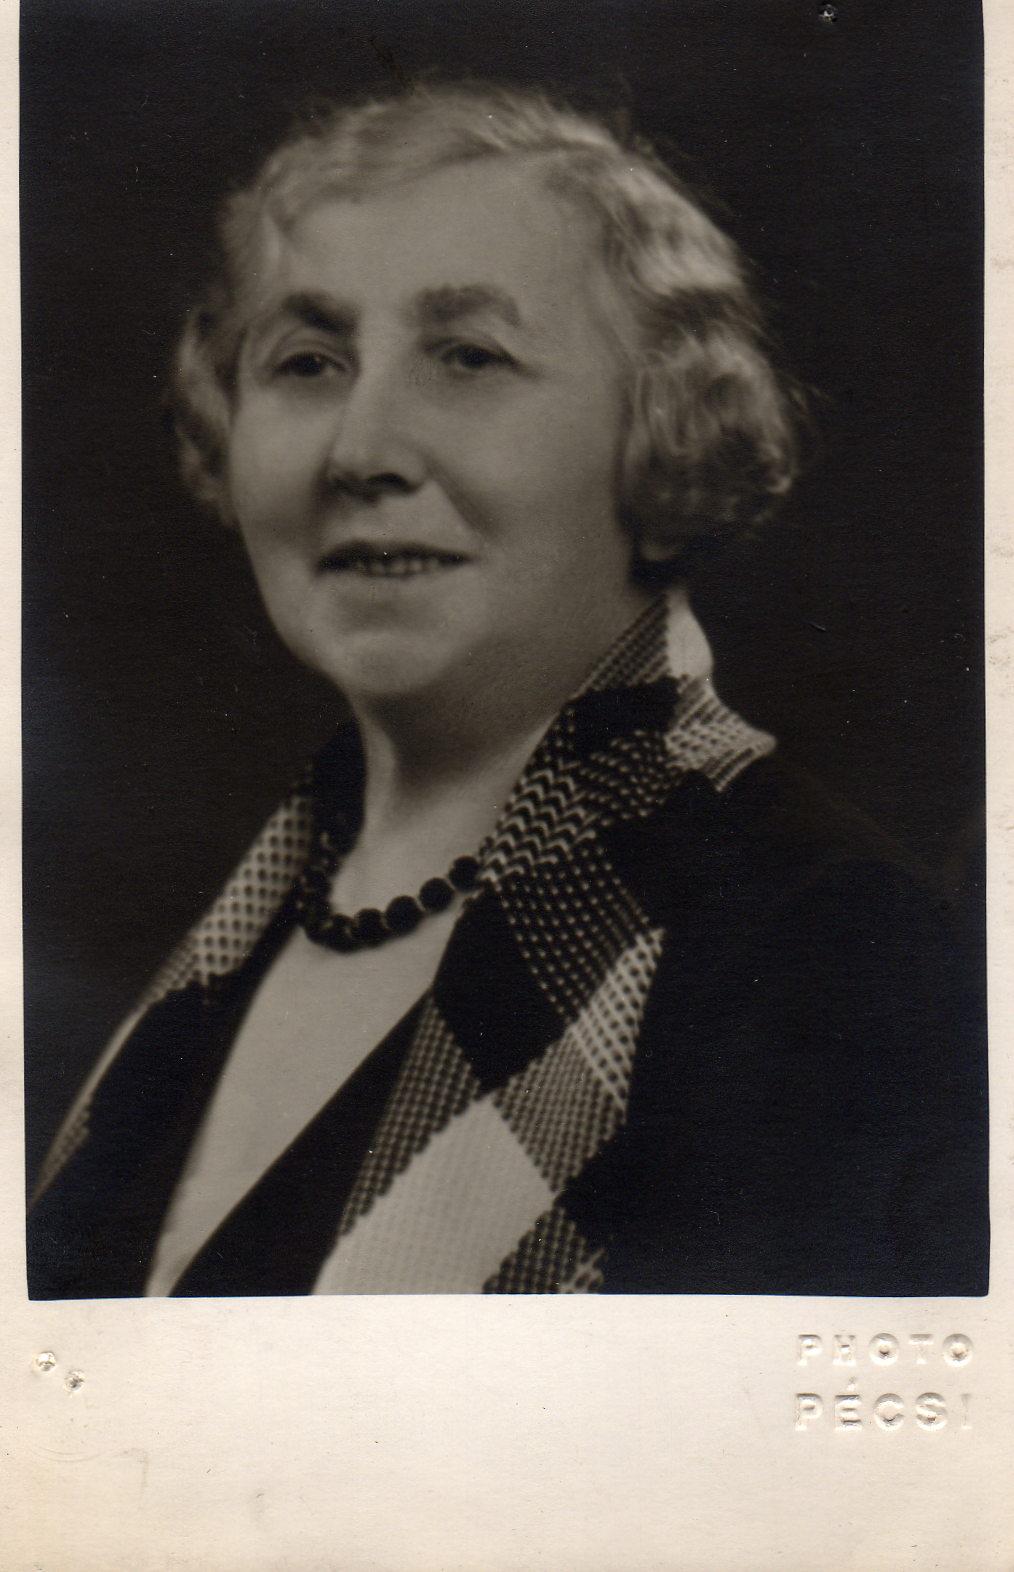 Fotó: Pécsi József: Denis Palos nagymamája, 1930-as évek közepe